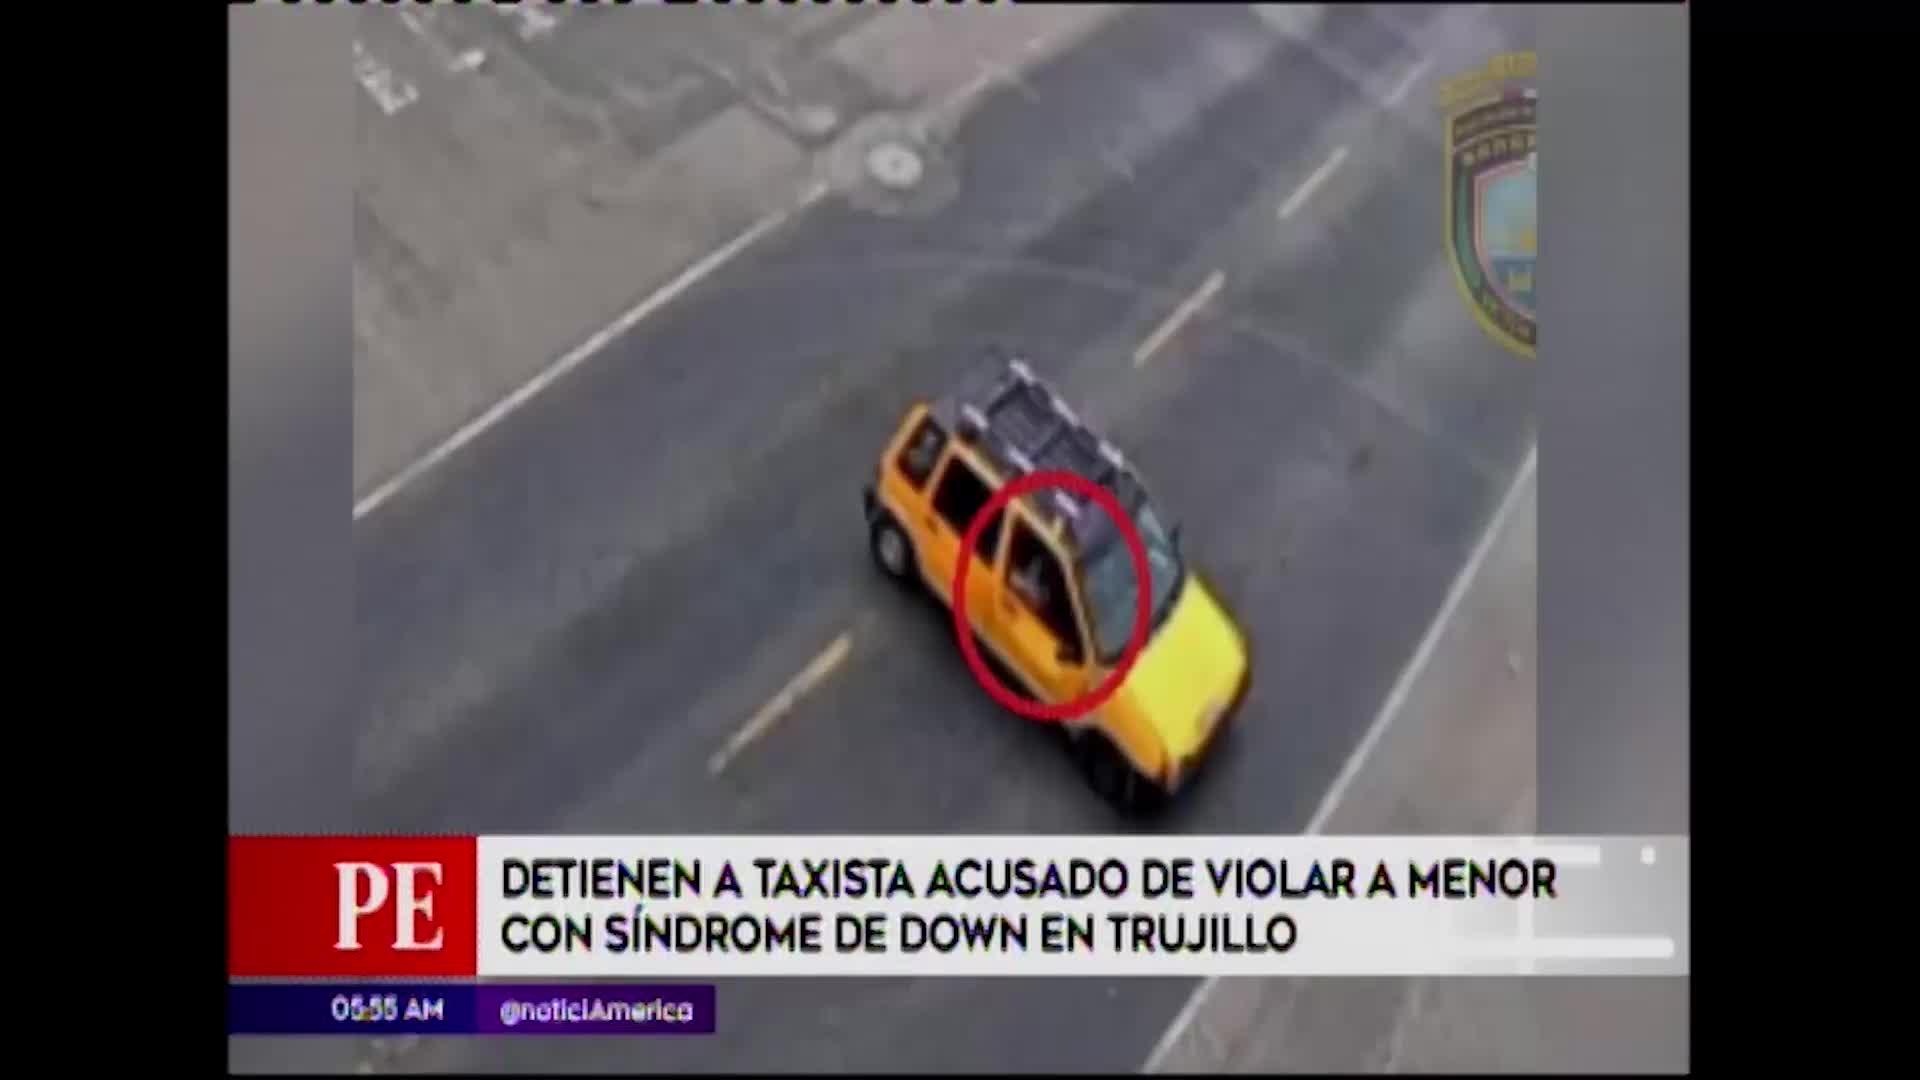 Trujillo: Capturan a taxista acusado de violar a menor con síndrome de down